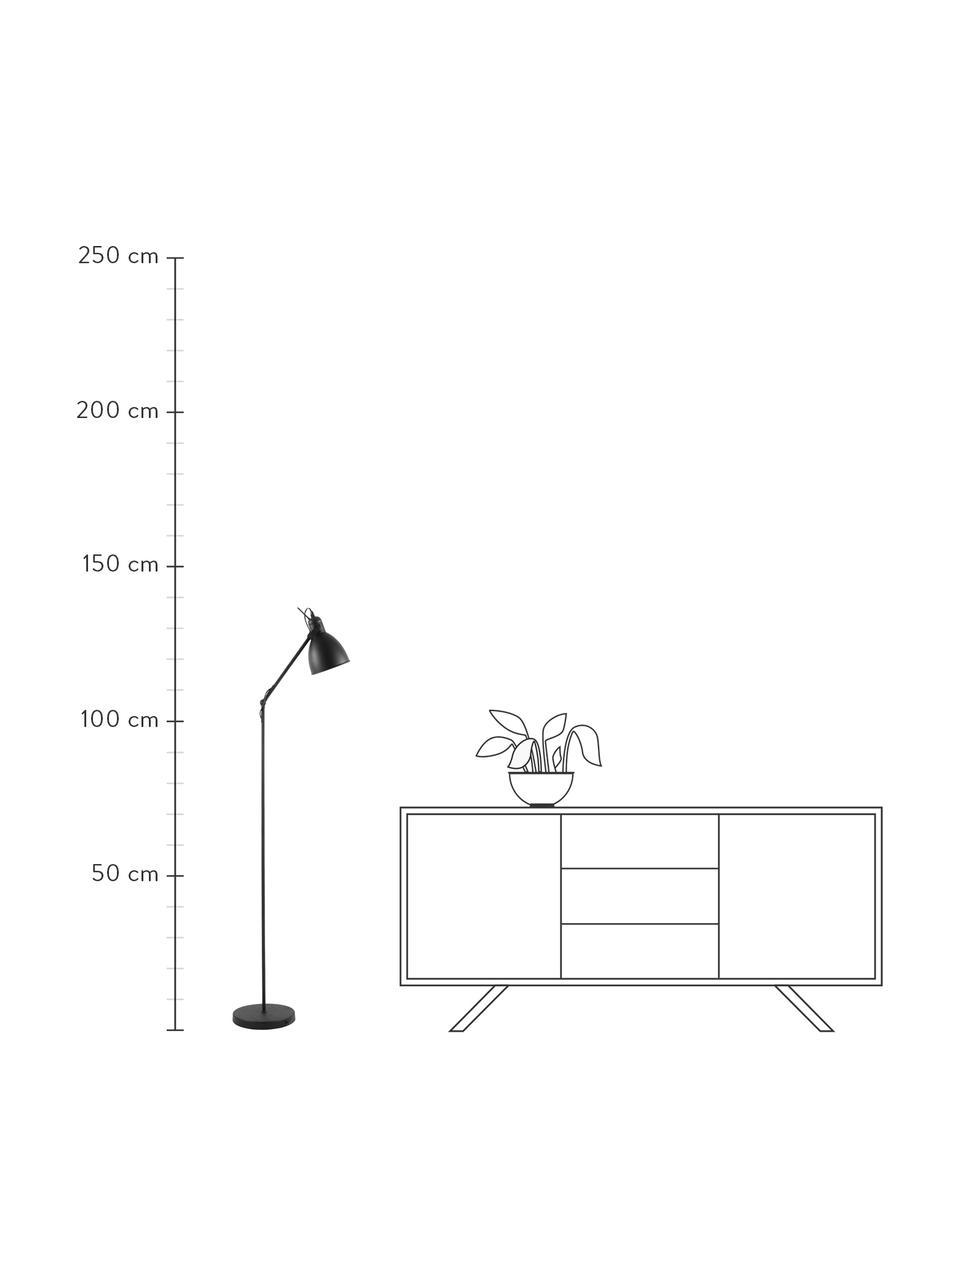 Industrial-Leselampe Ethan aus Metall, Lampenschirm: Metall, pulverbeschichtet, Lampenfuß: Metall, pulverbeschichtet, Schwarz, Ø 15 x H 137 cm